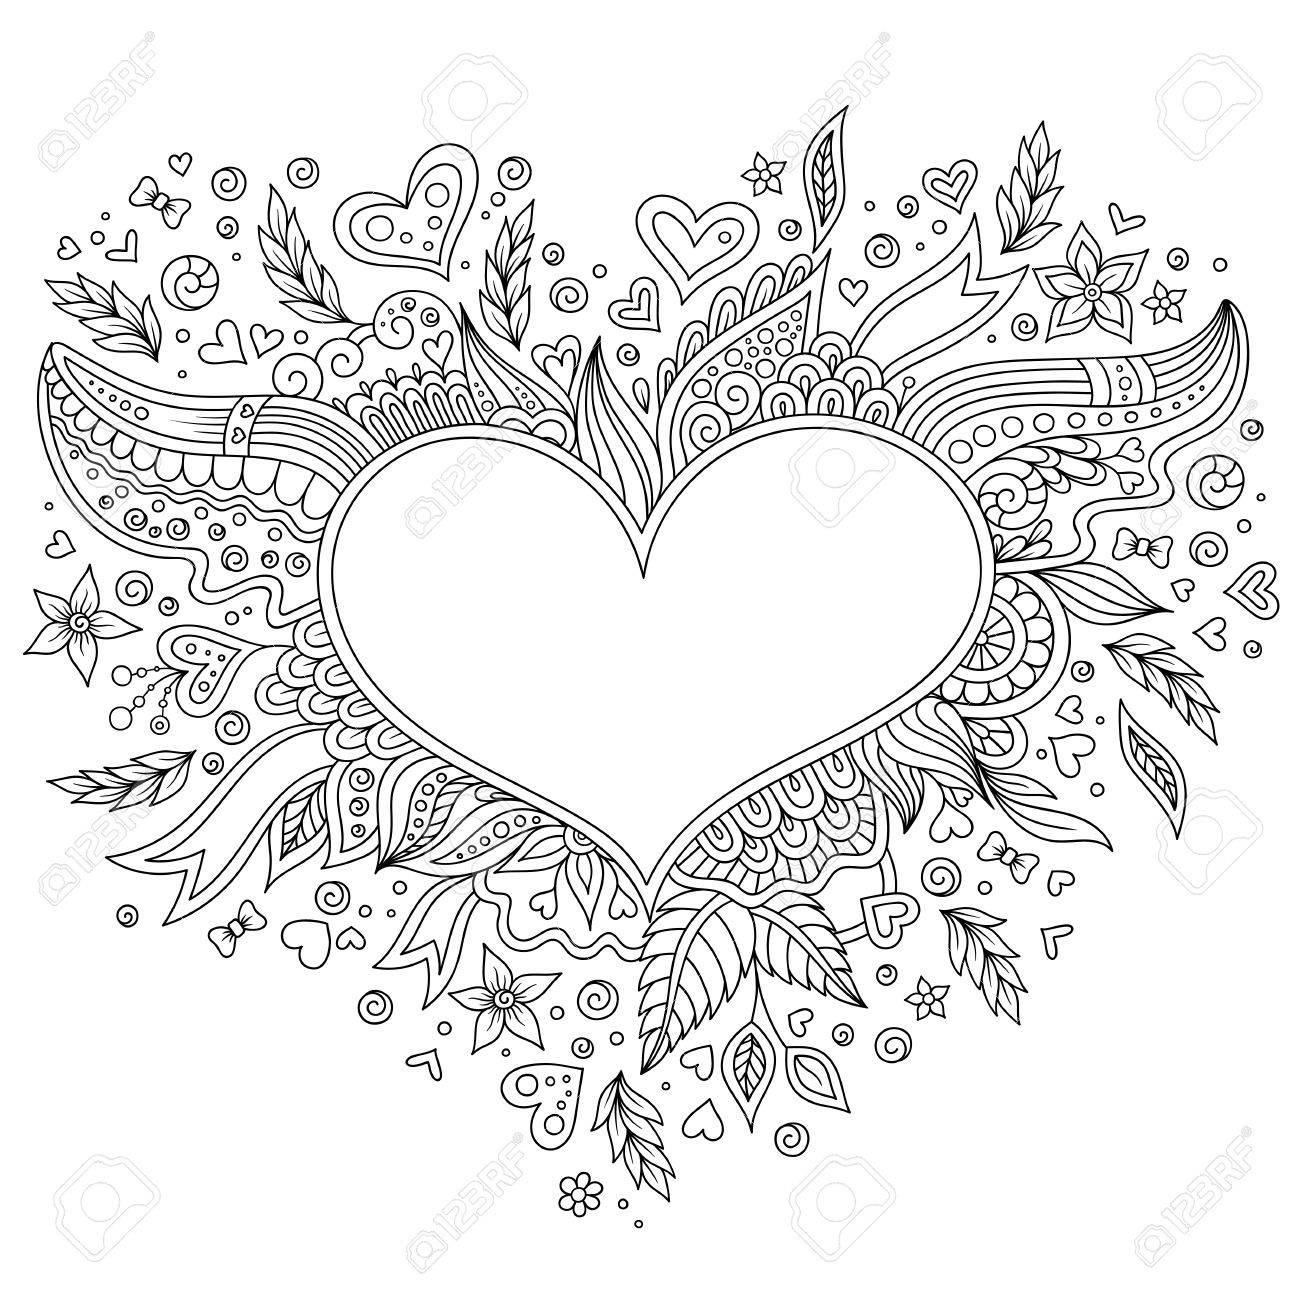 Malvorlage Blume Herz Valentinstag. Malvorlage Mit Details Auf ...